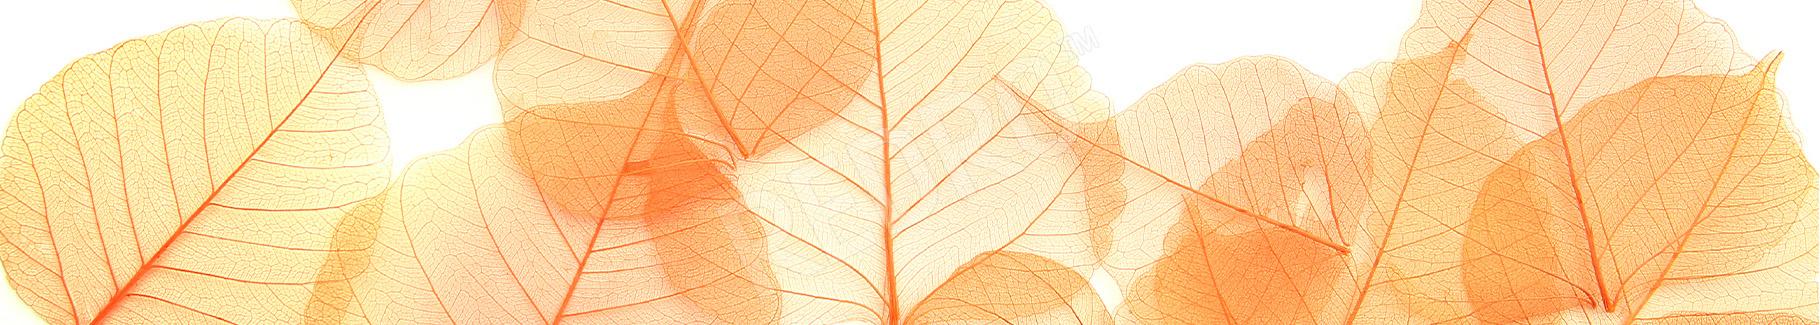 Plakat jesienne liście